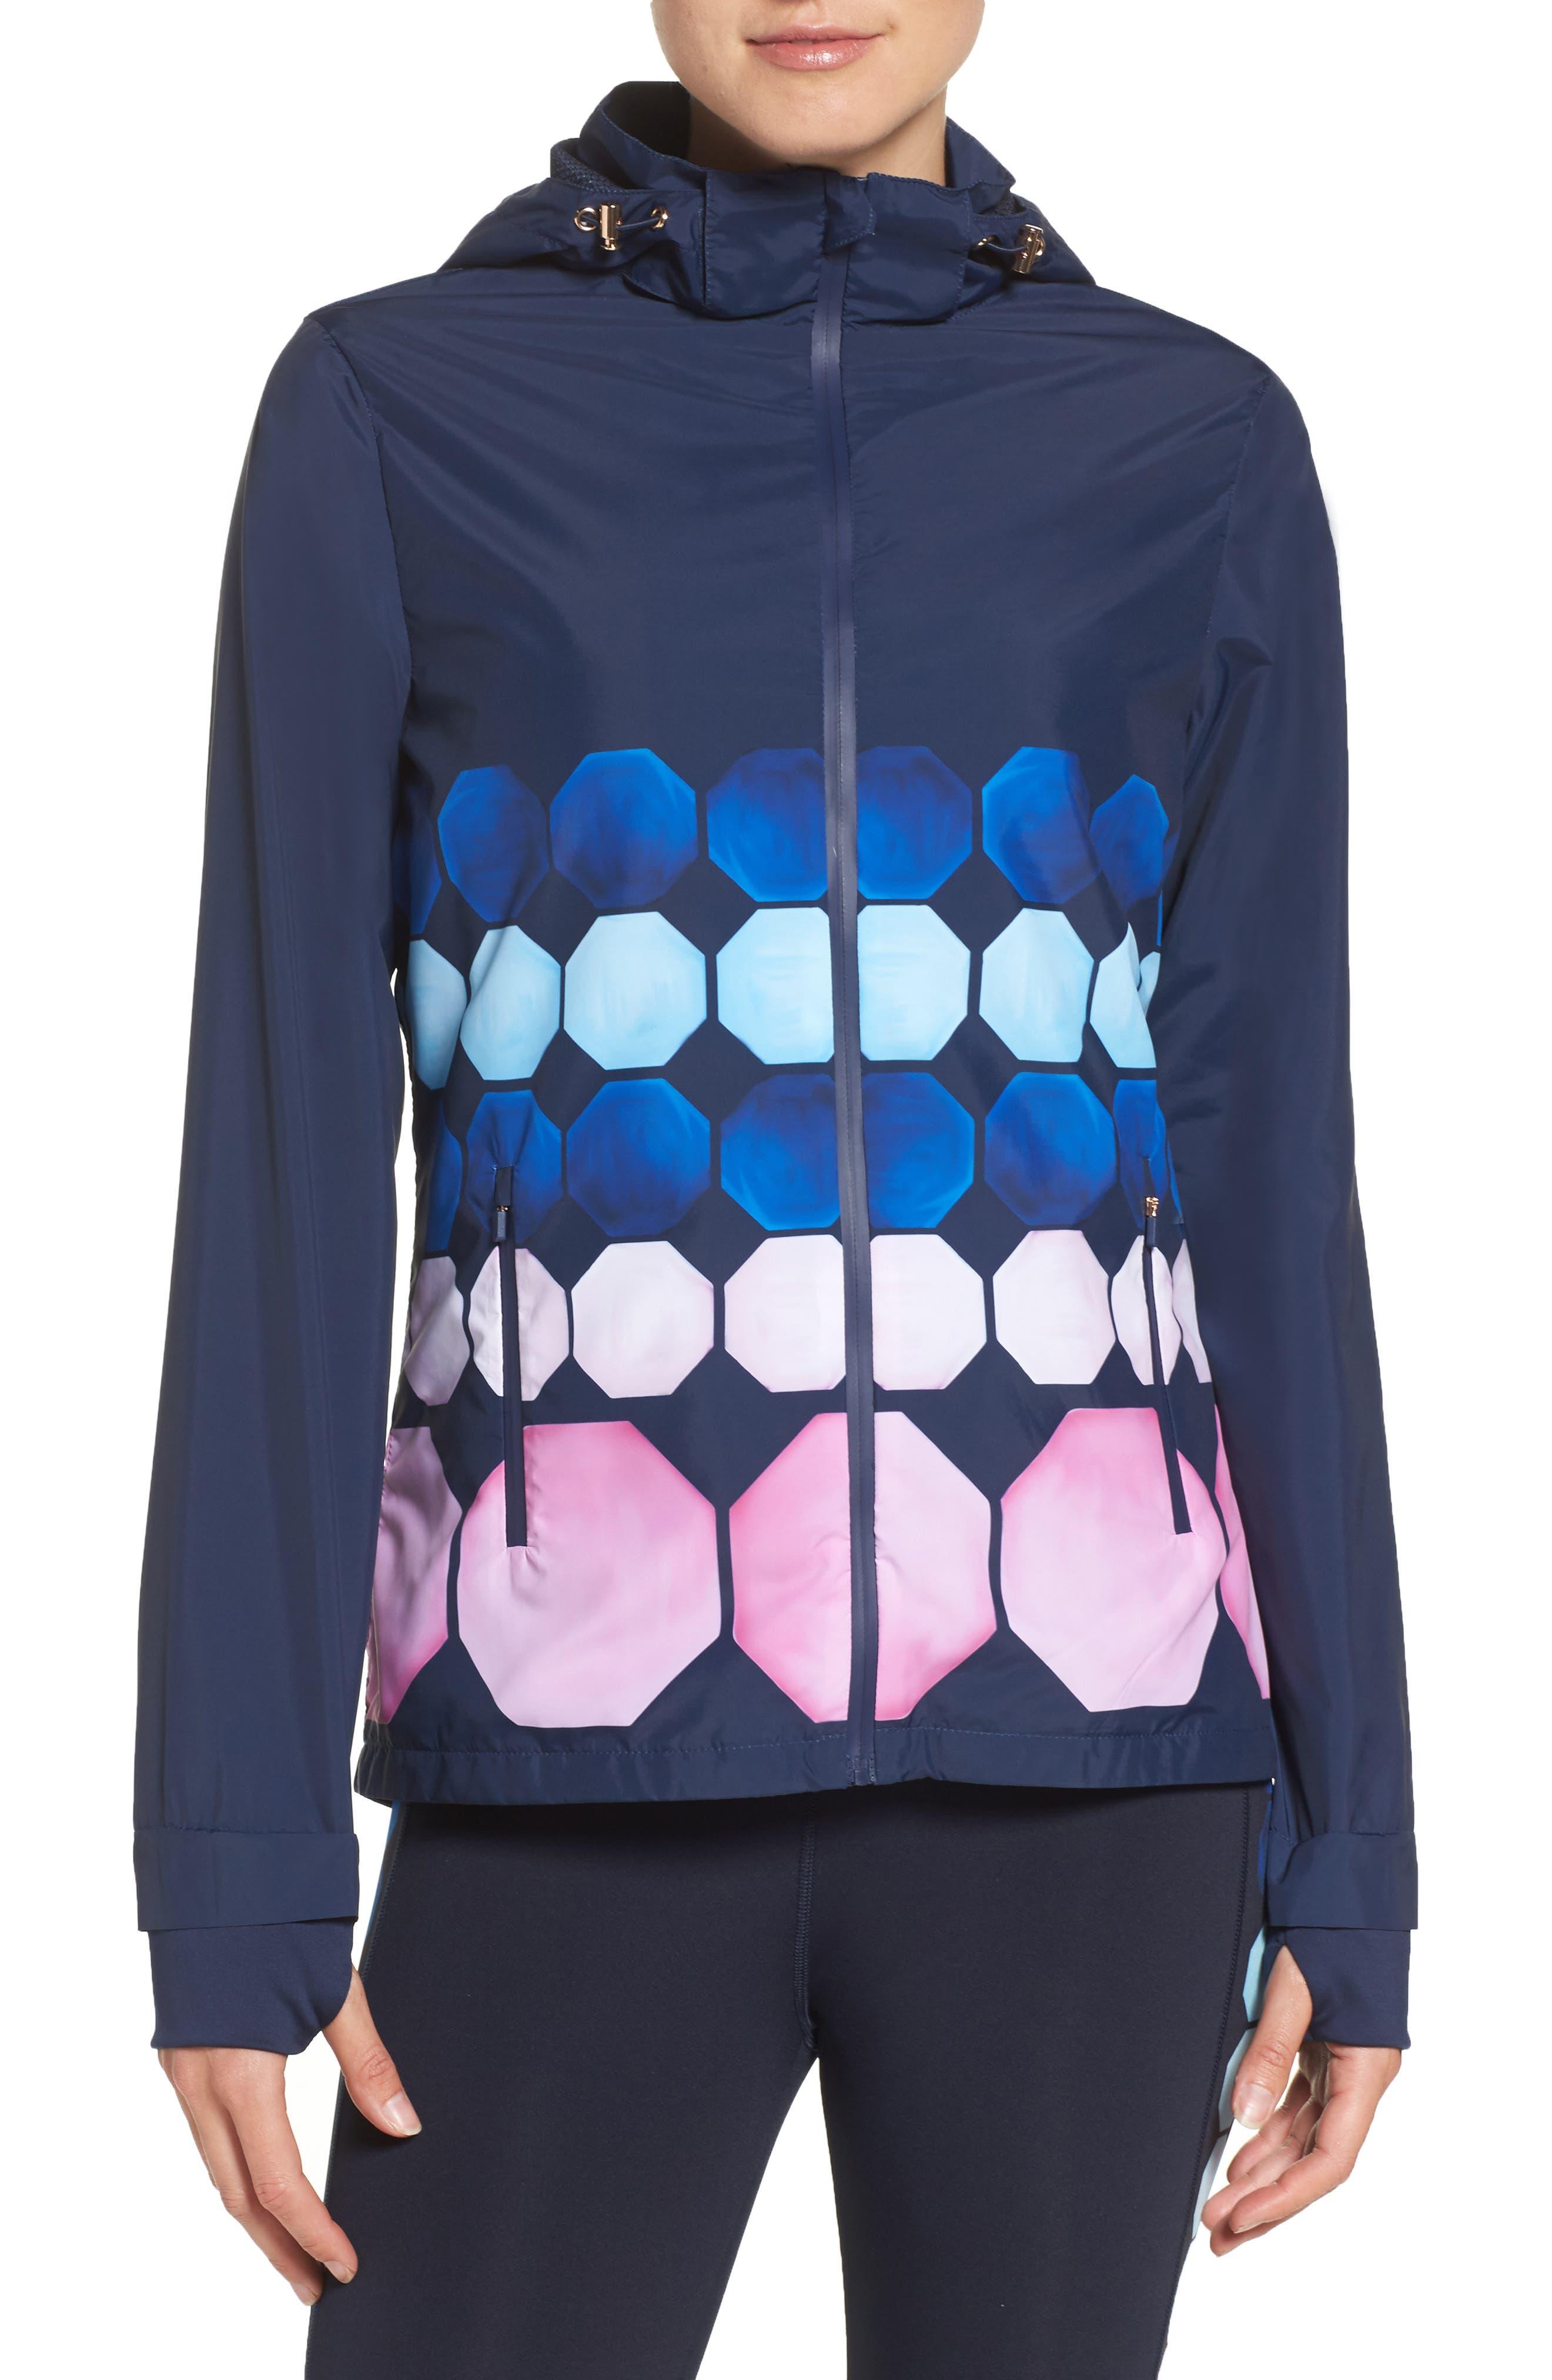 Marina Mosaic Hooded Jacket,                             Main thumbnail 1, color,                             Navy